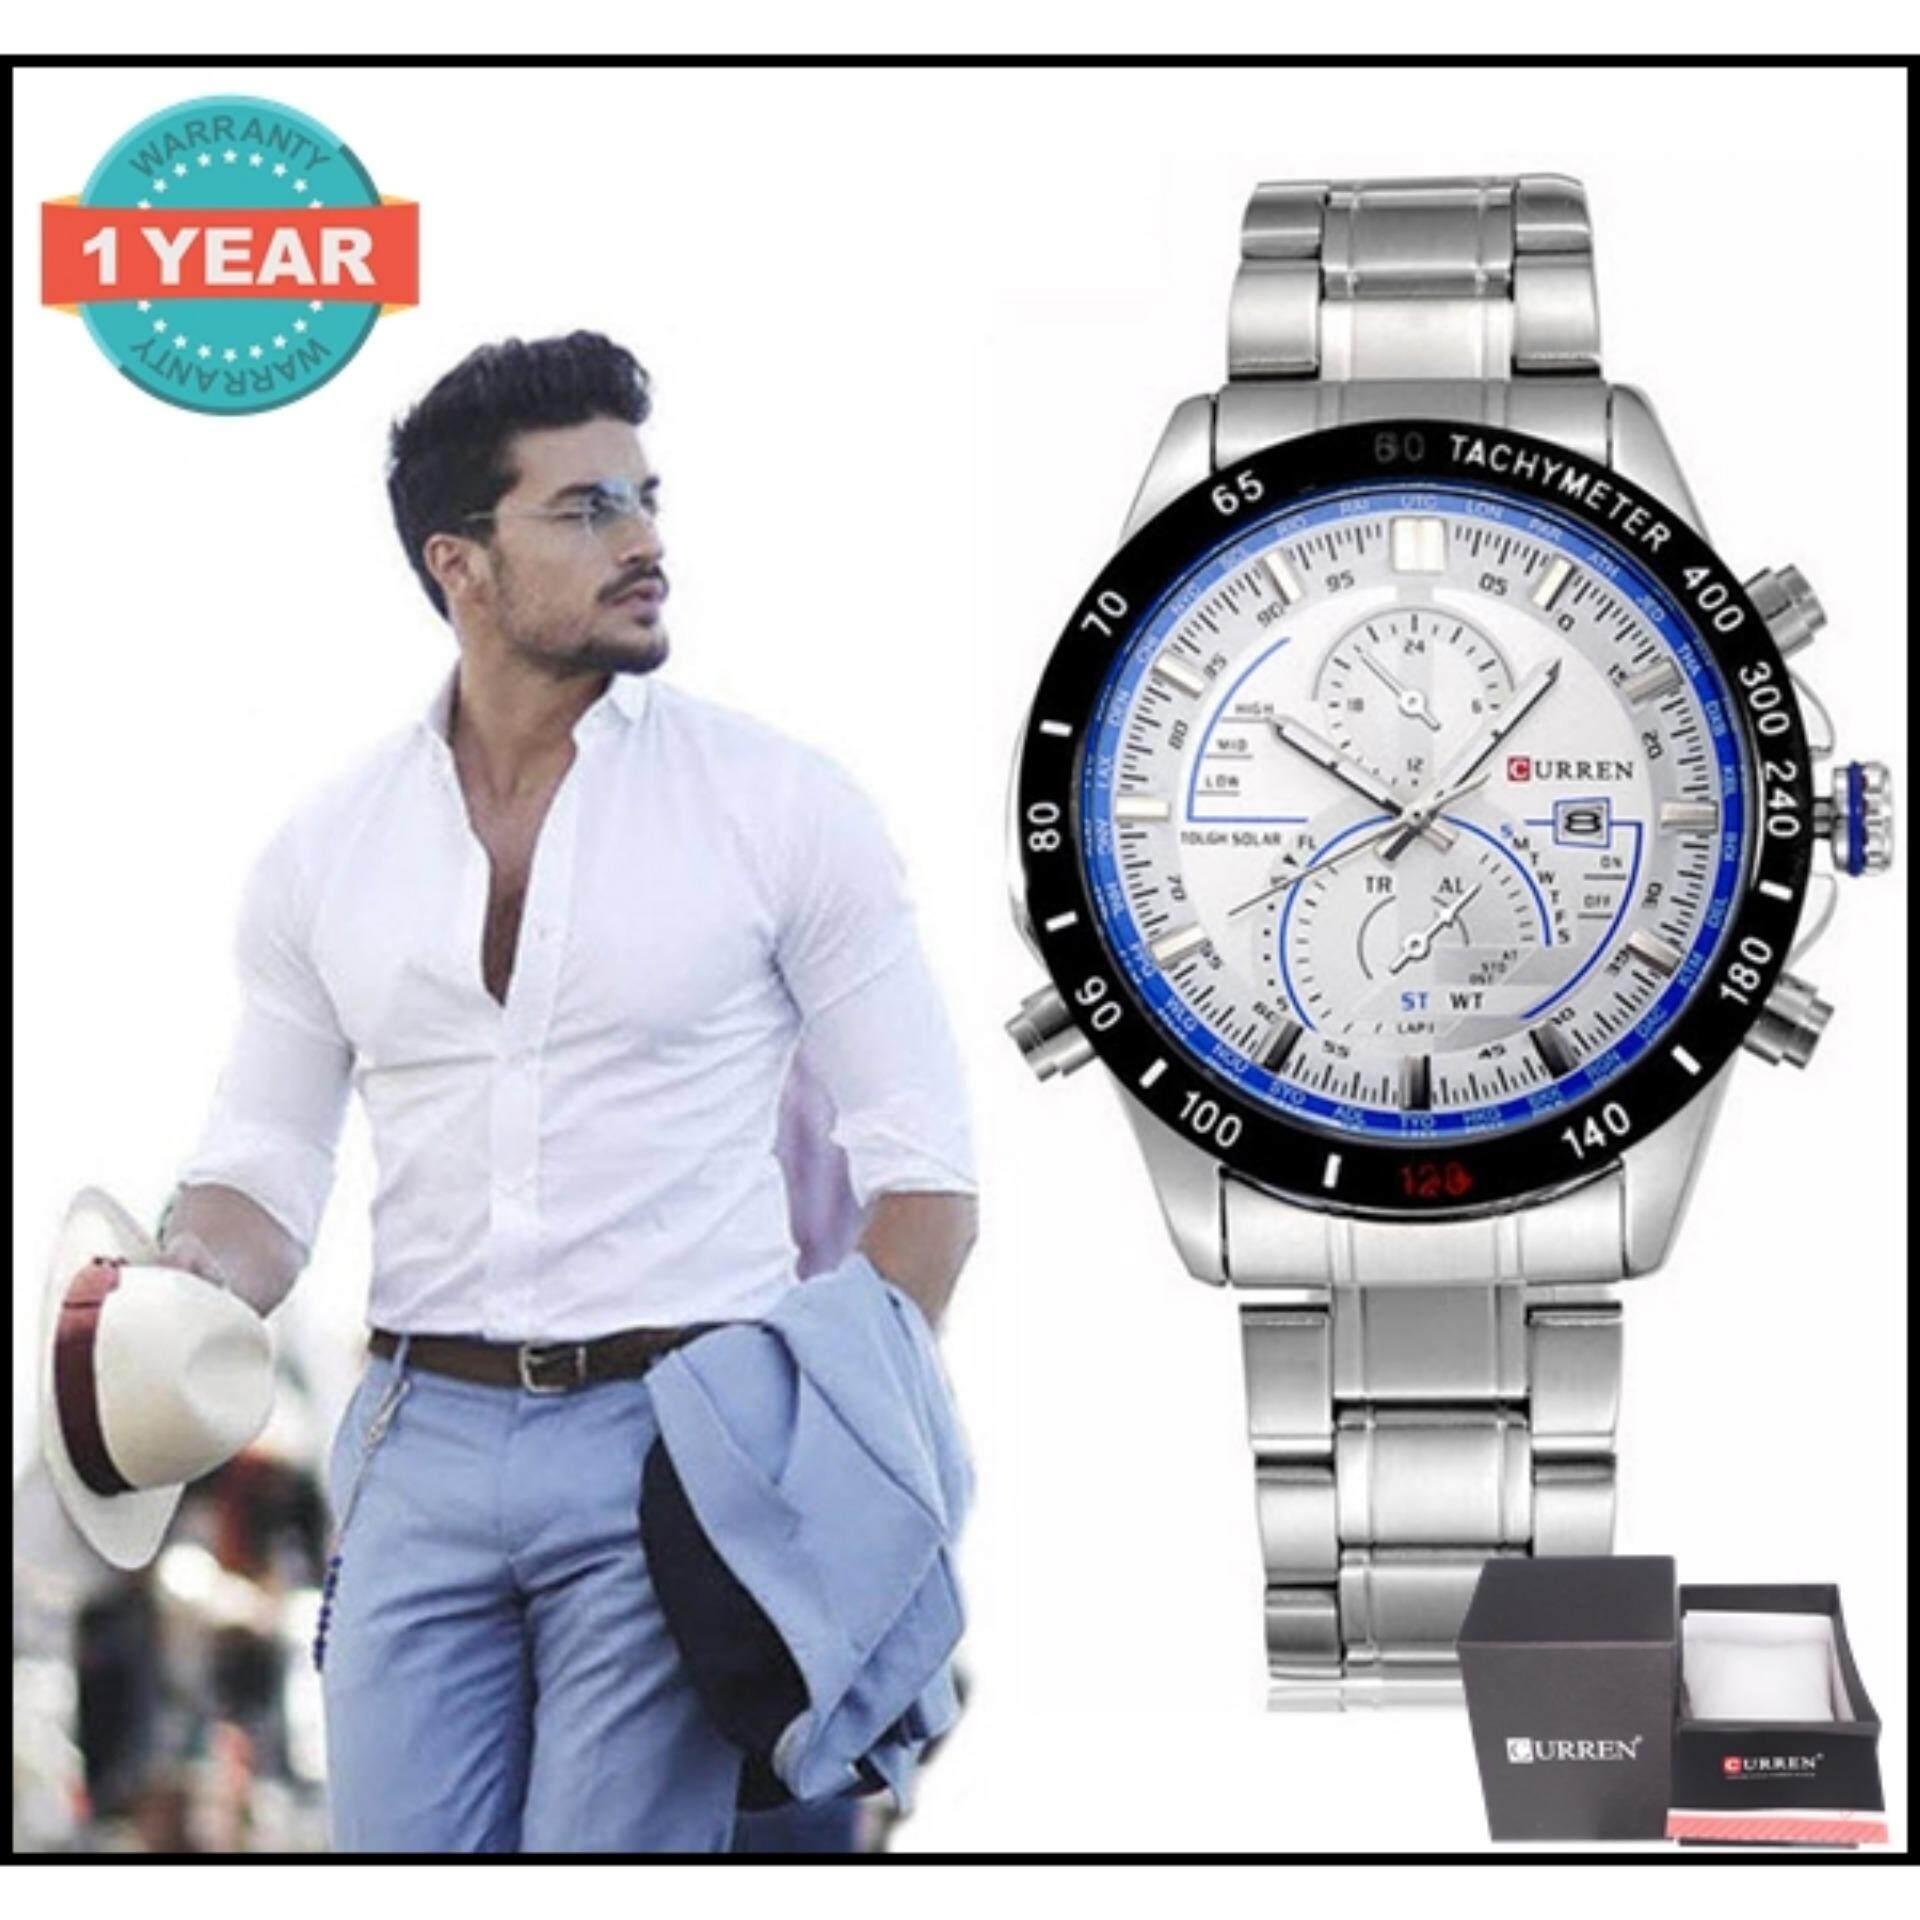 ขาย ซื้อ ออนไลน์ Curren นาฬิกาข้อมือสุภาพบุรุษ สายสแตนเลส รุ่น C8149 Silver White